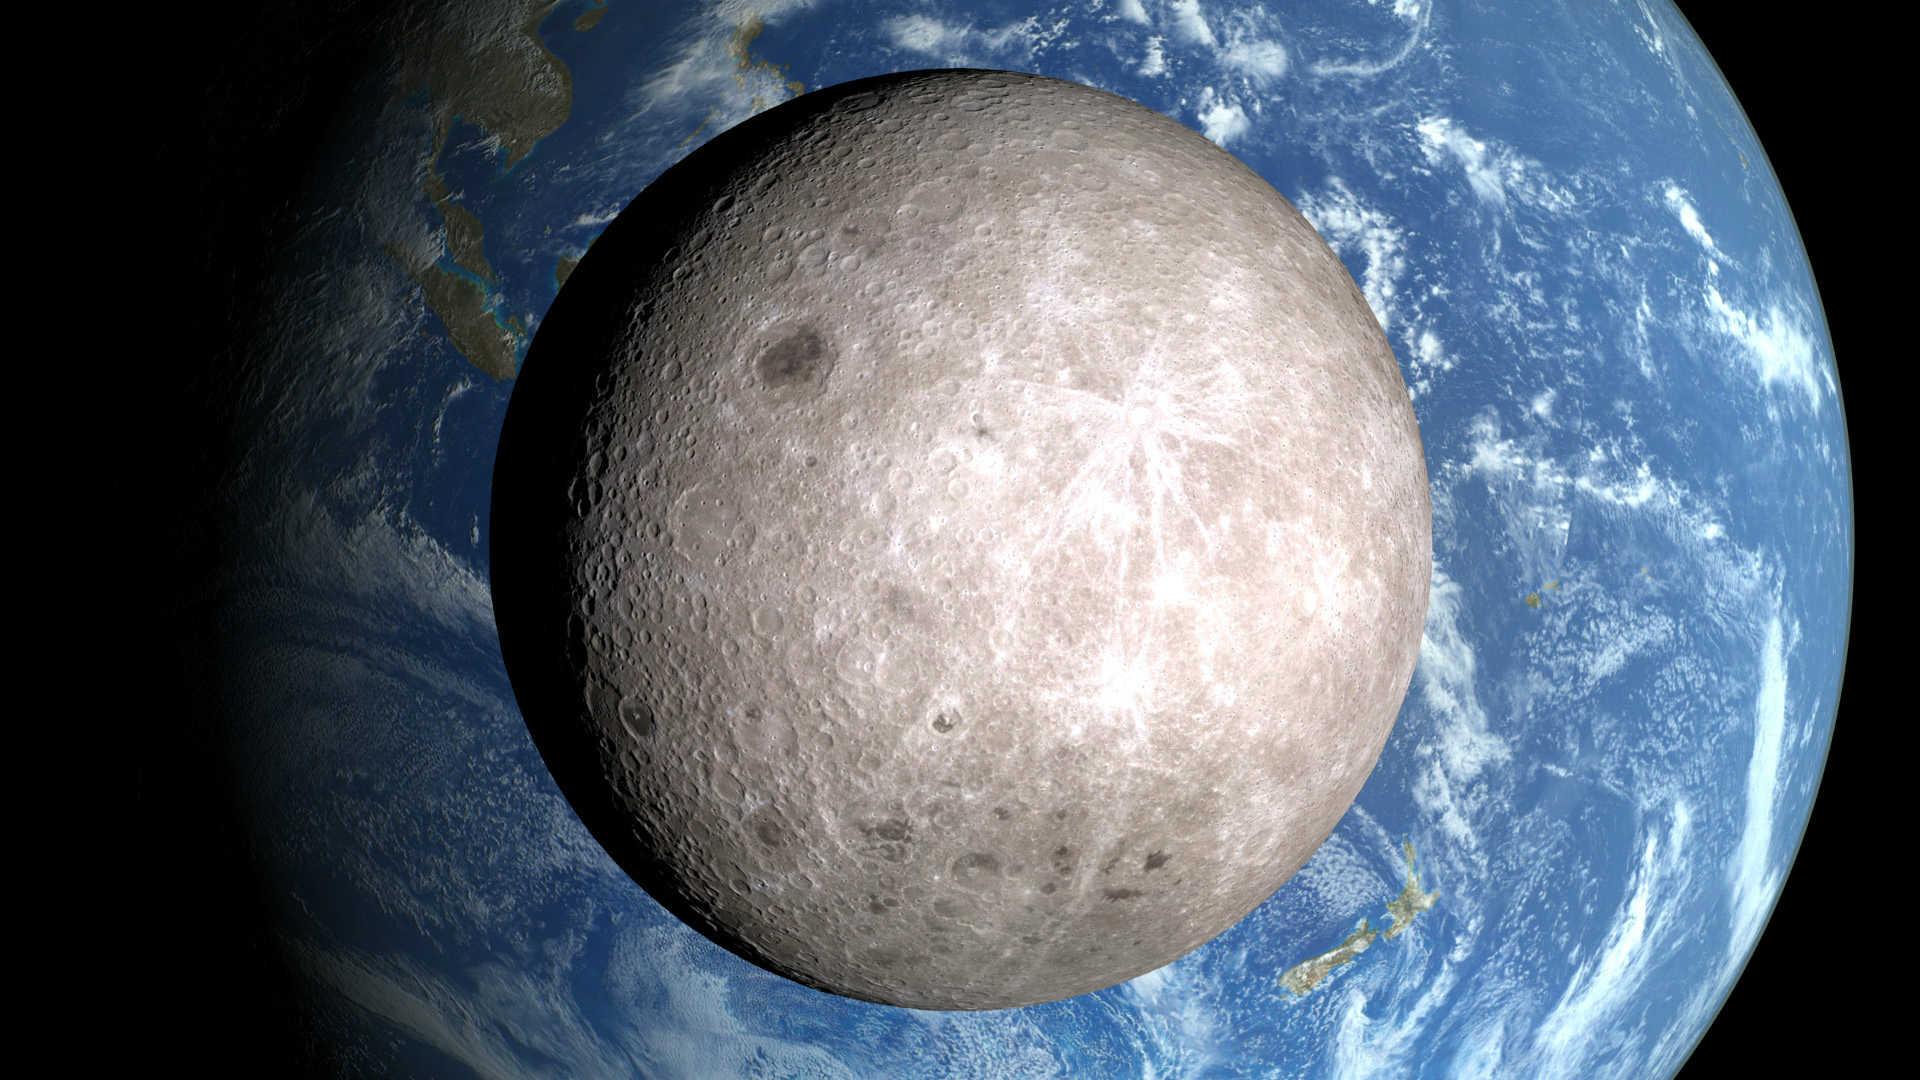 Создание космической базы (форпоста) на Луне. Полная информация о прошлых и будущих космических экспедициях на Луну.